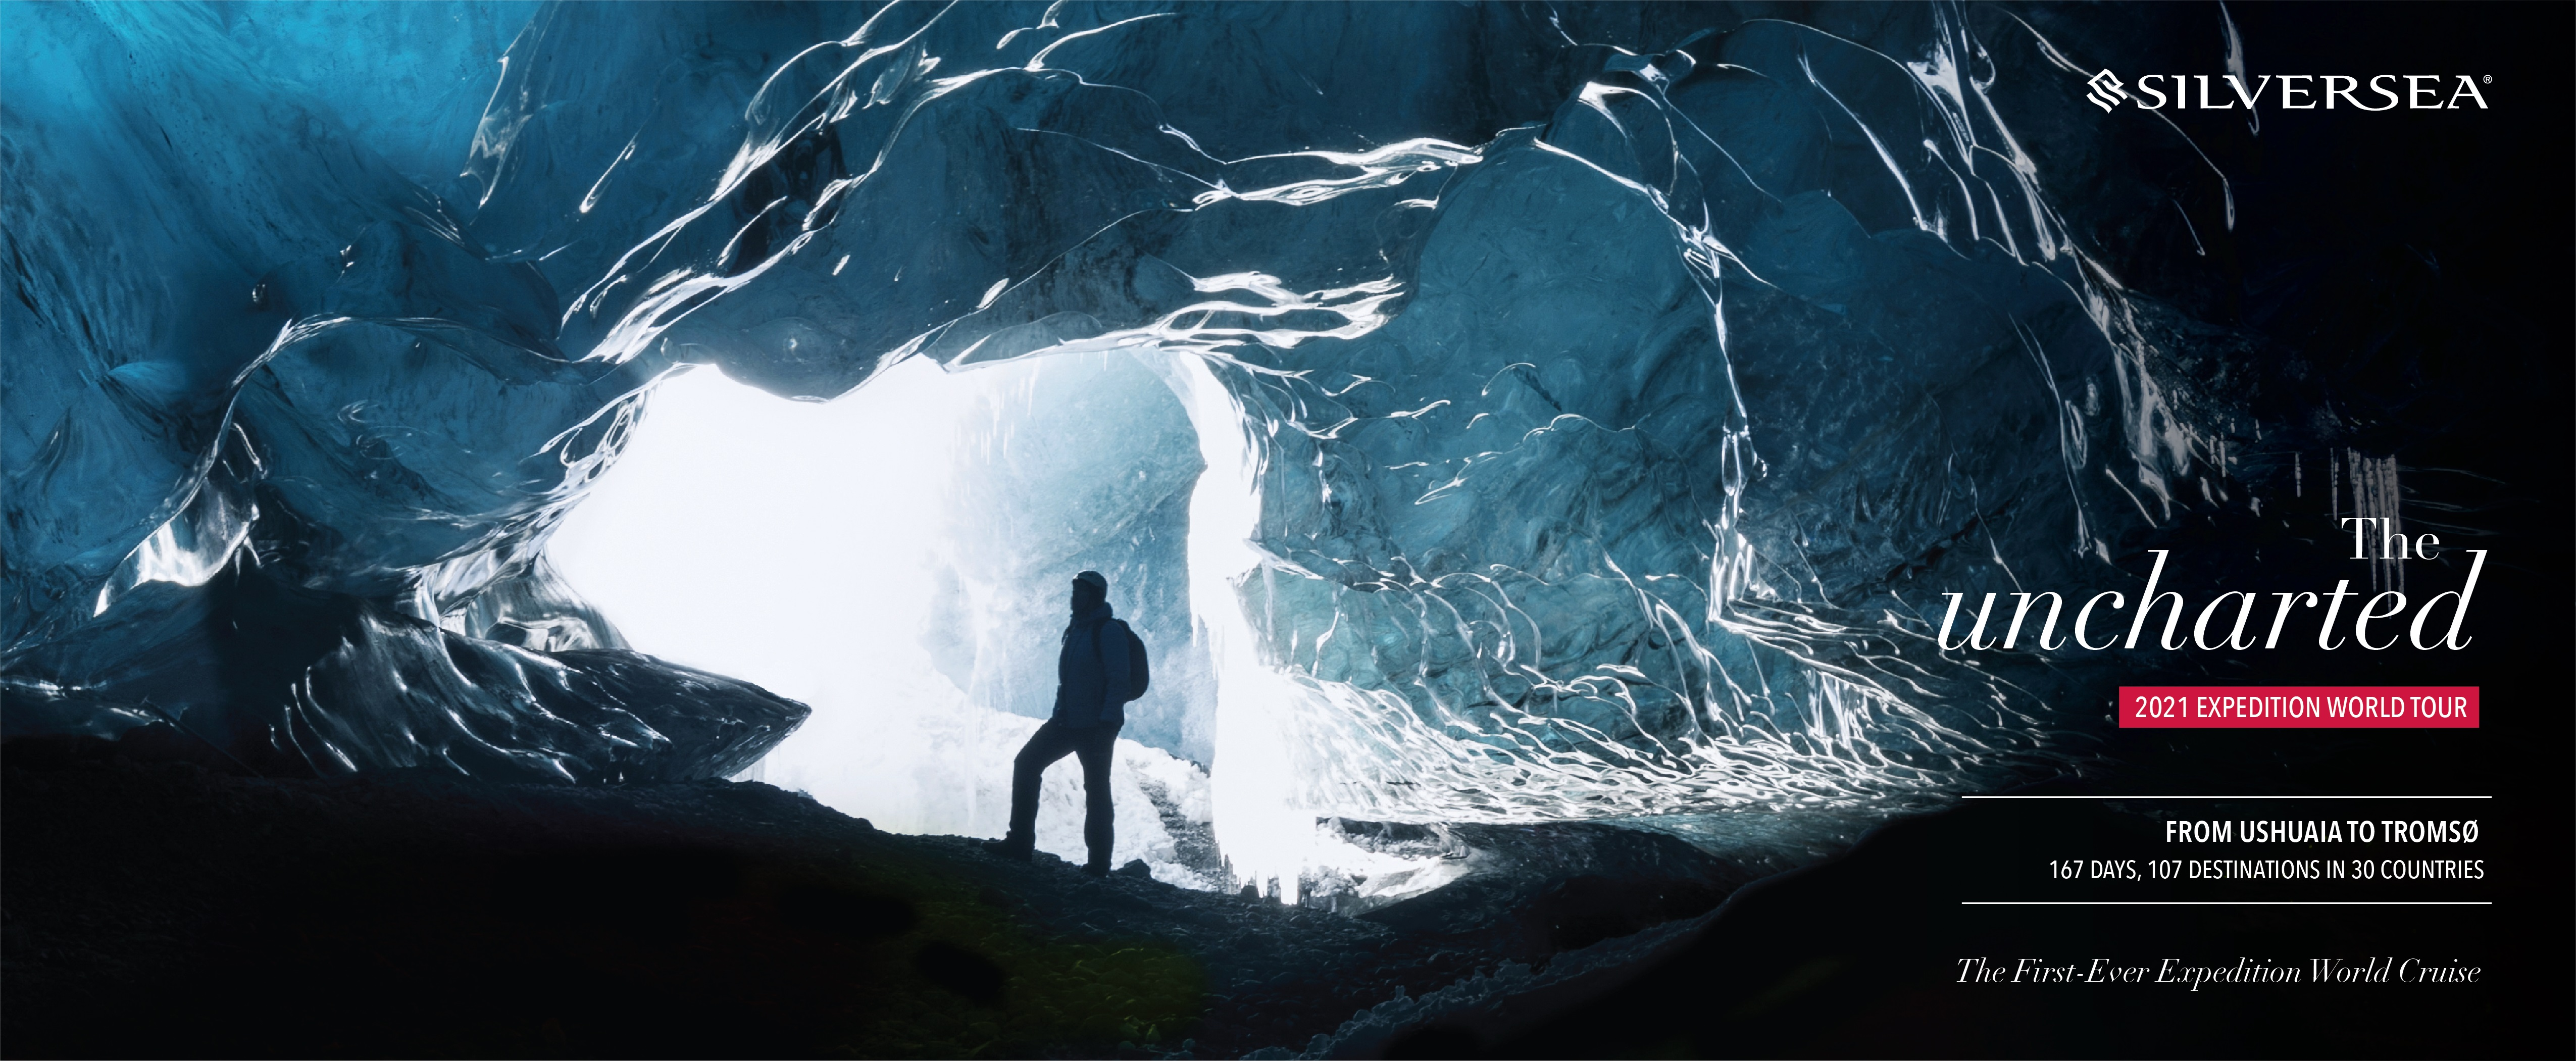 Silversea geht im Jahr 2021 mit der Silver Cloud auf Expeditions-Weltreise: 167 Tage langen, mehl als 39.000 Seemeilen, 30 Länder auf sechs Kontinenten